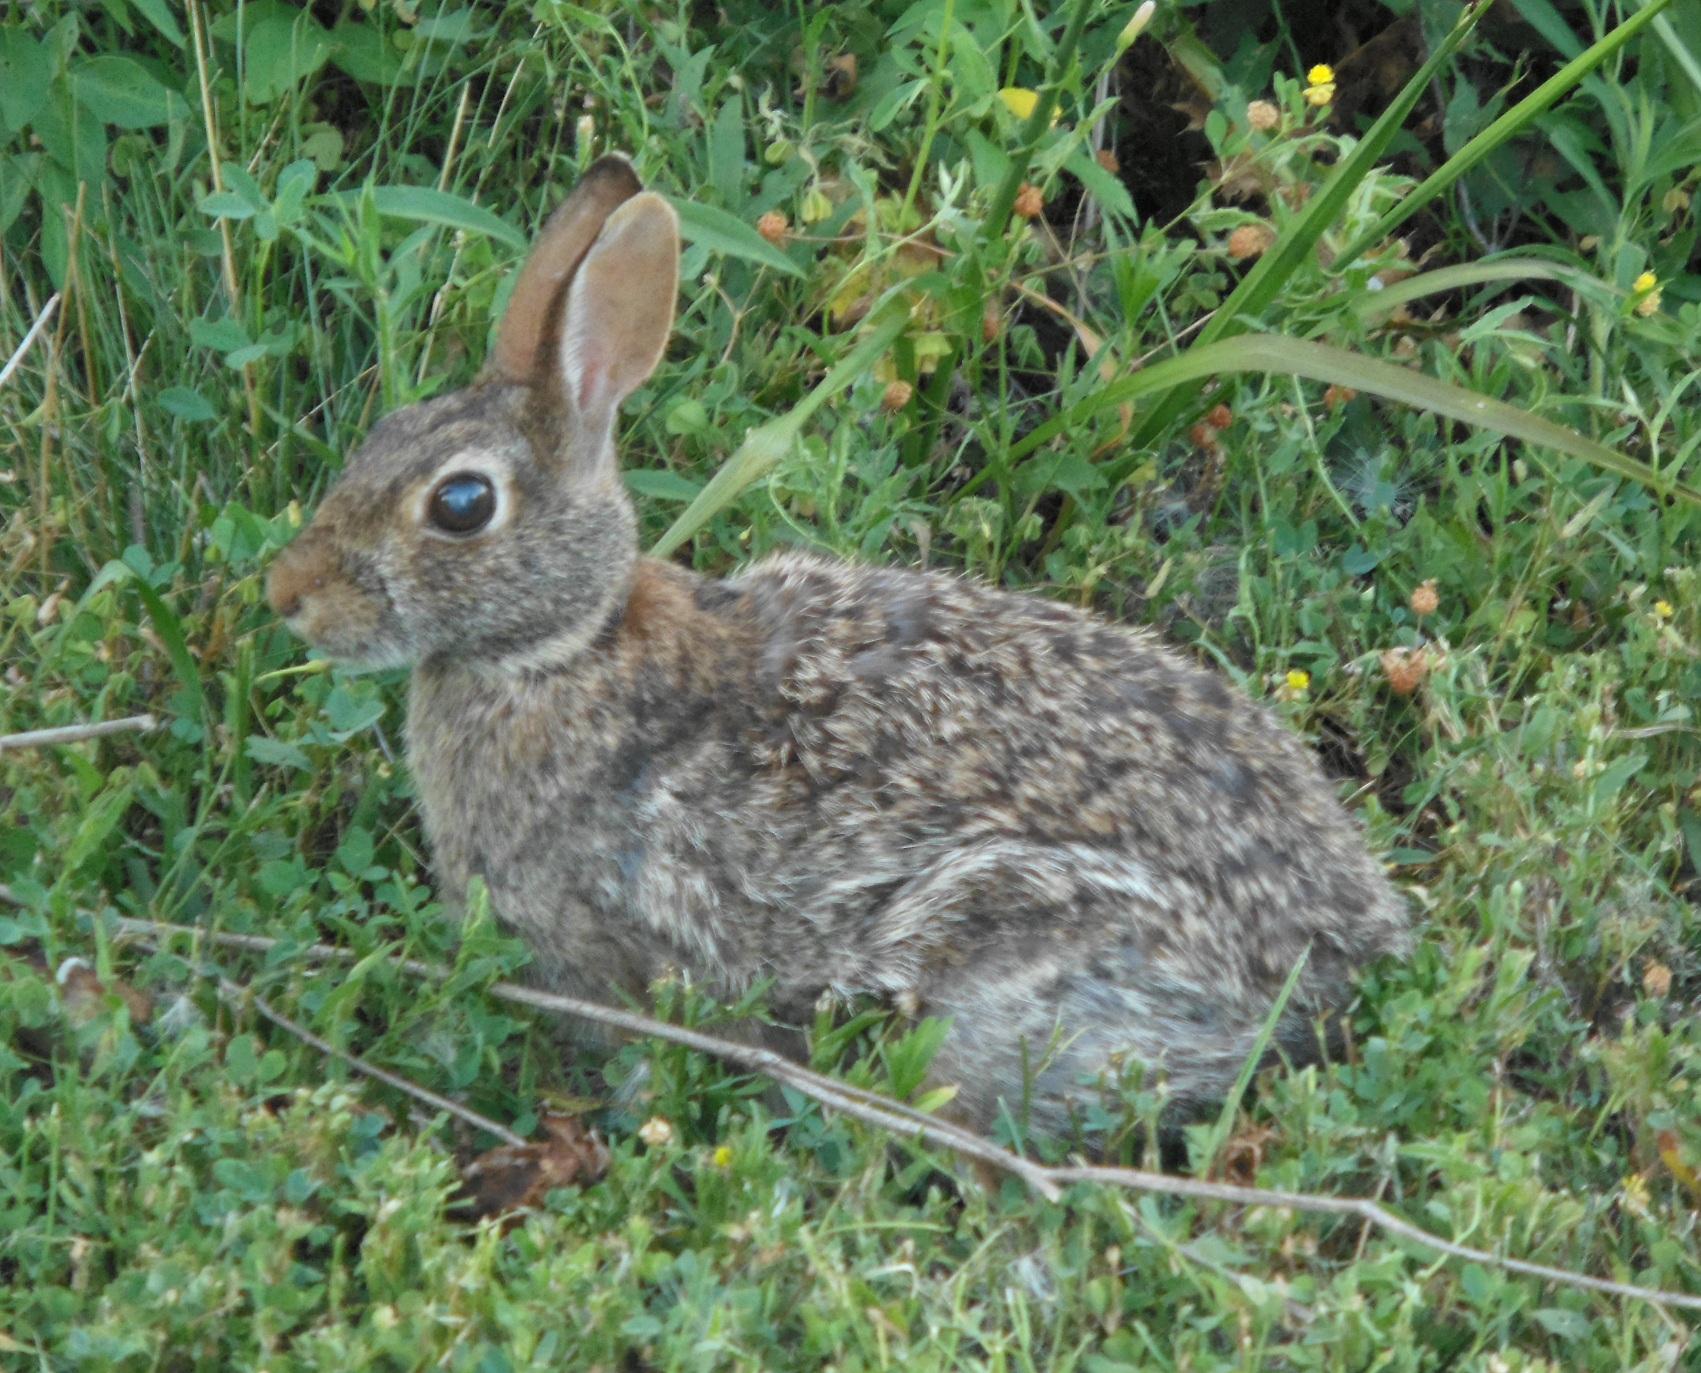 Free Nature Clipart Images: Mammals (Deer, Rabbits, Squirrels.